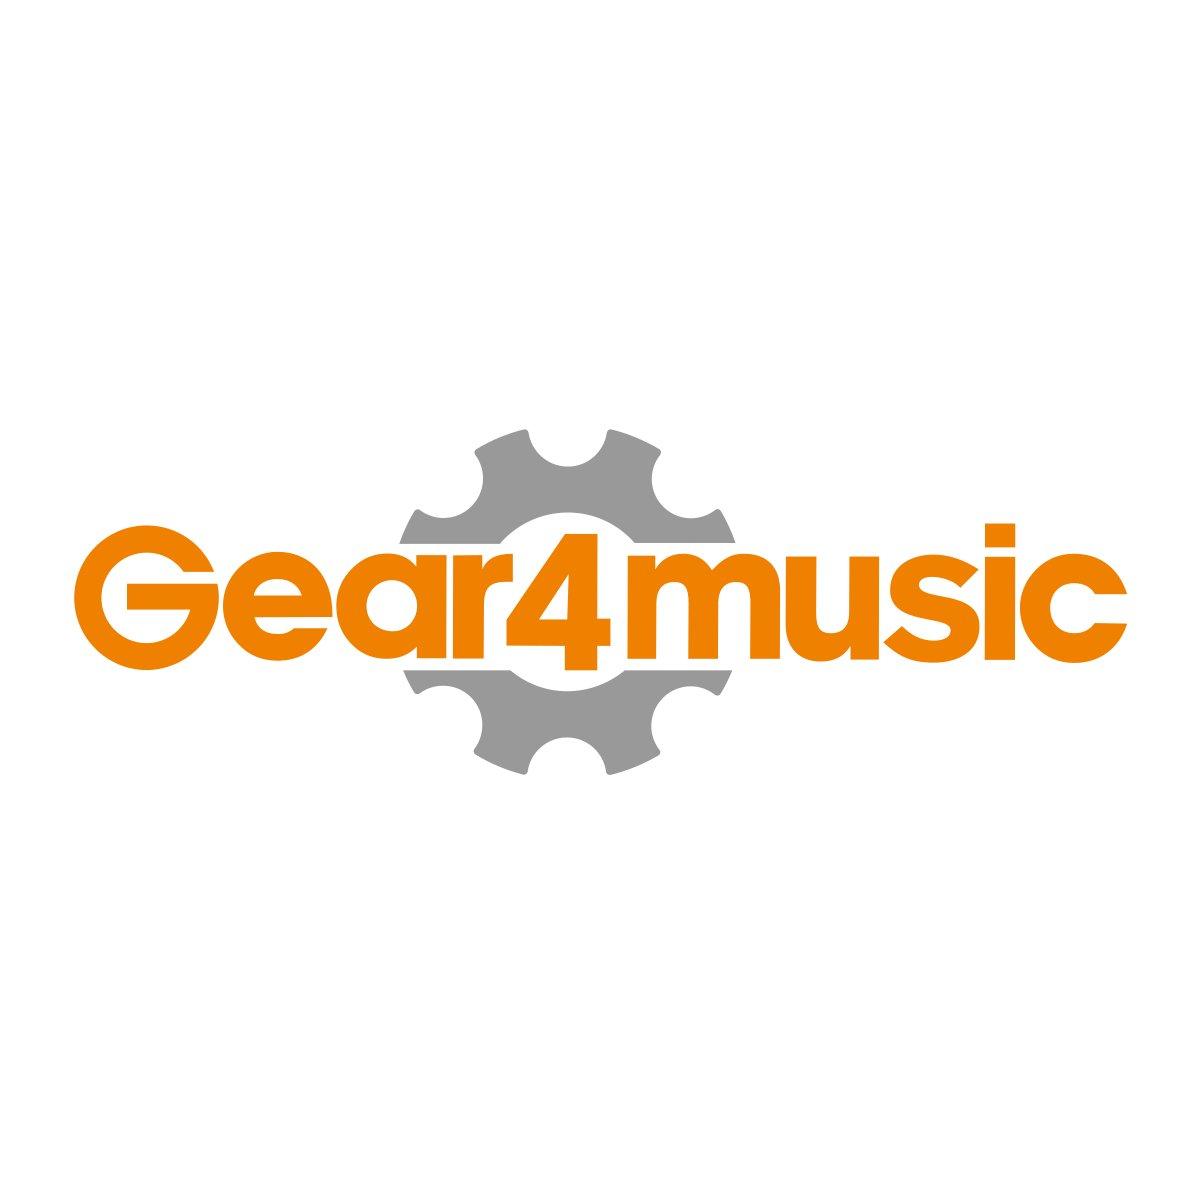 Rosedale Professional Oboe, Ebony Body, By Gear4music